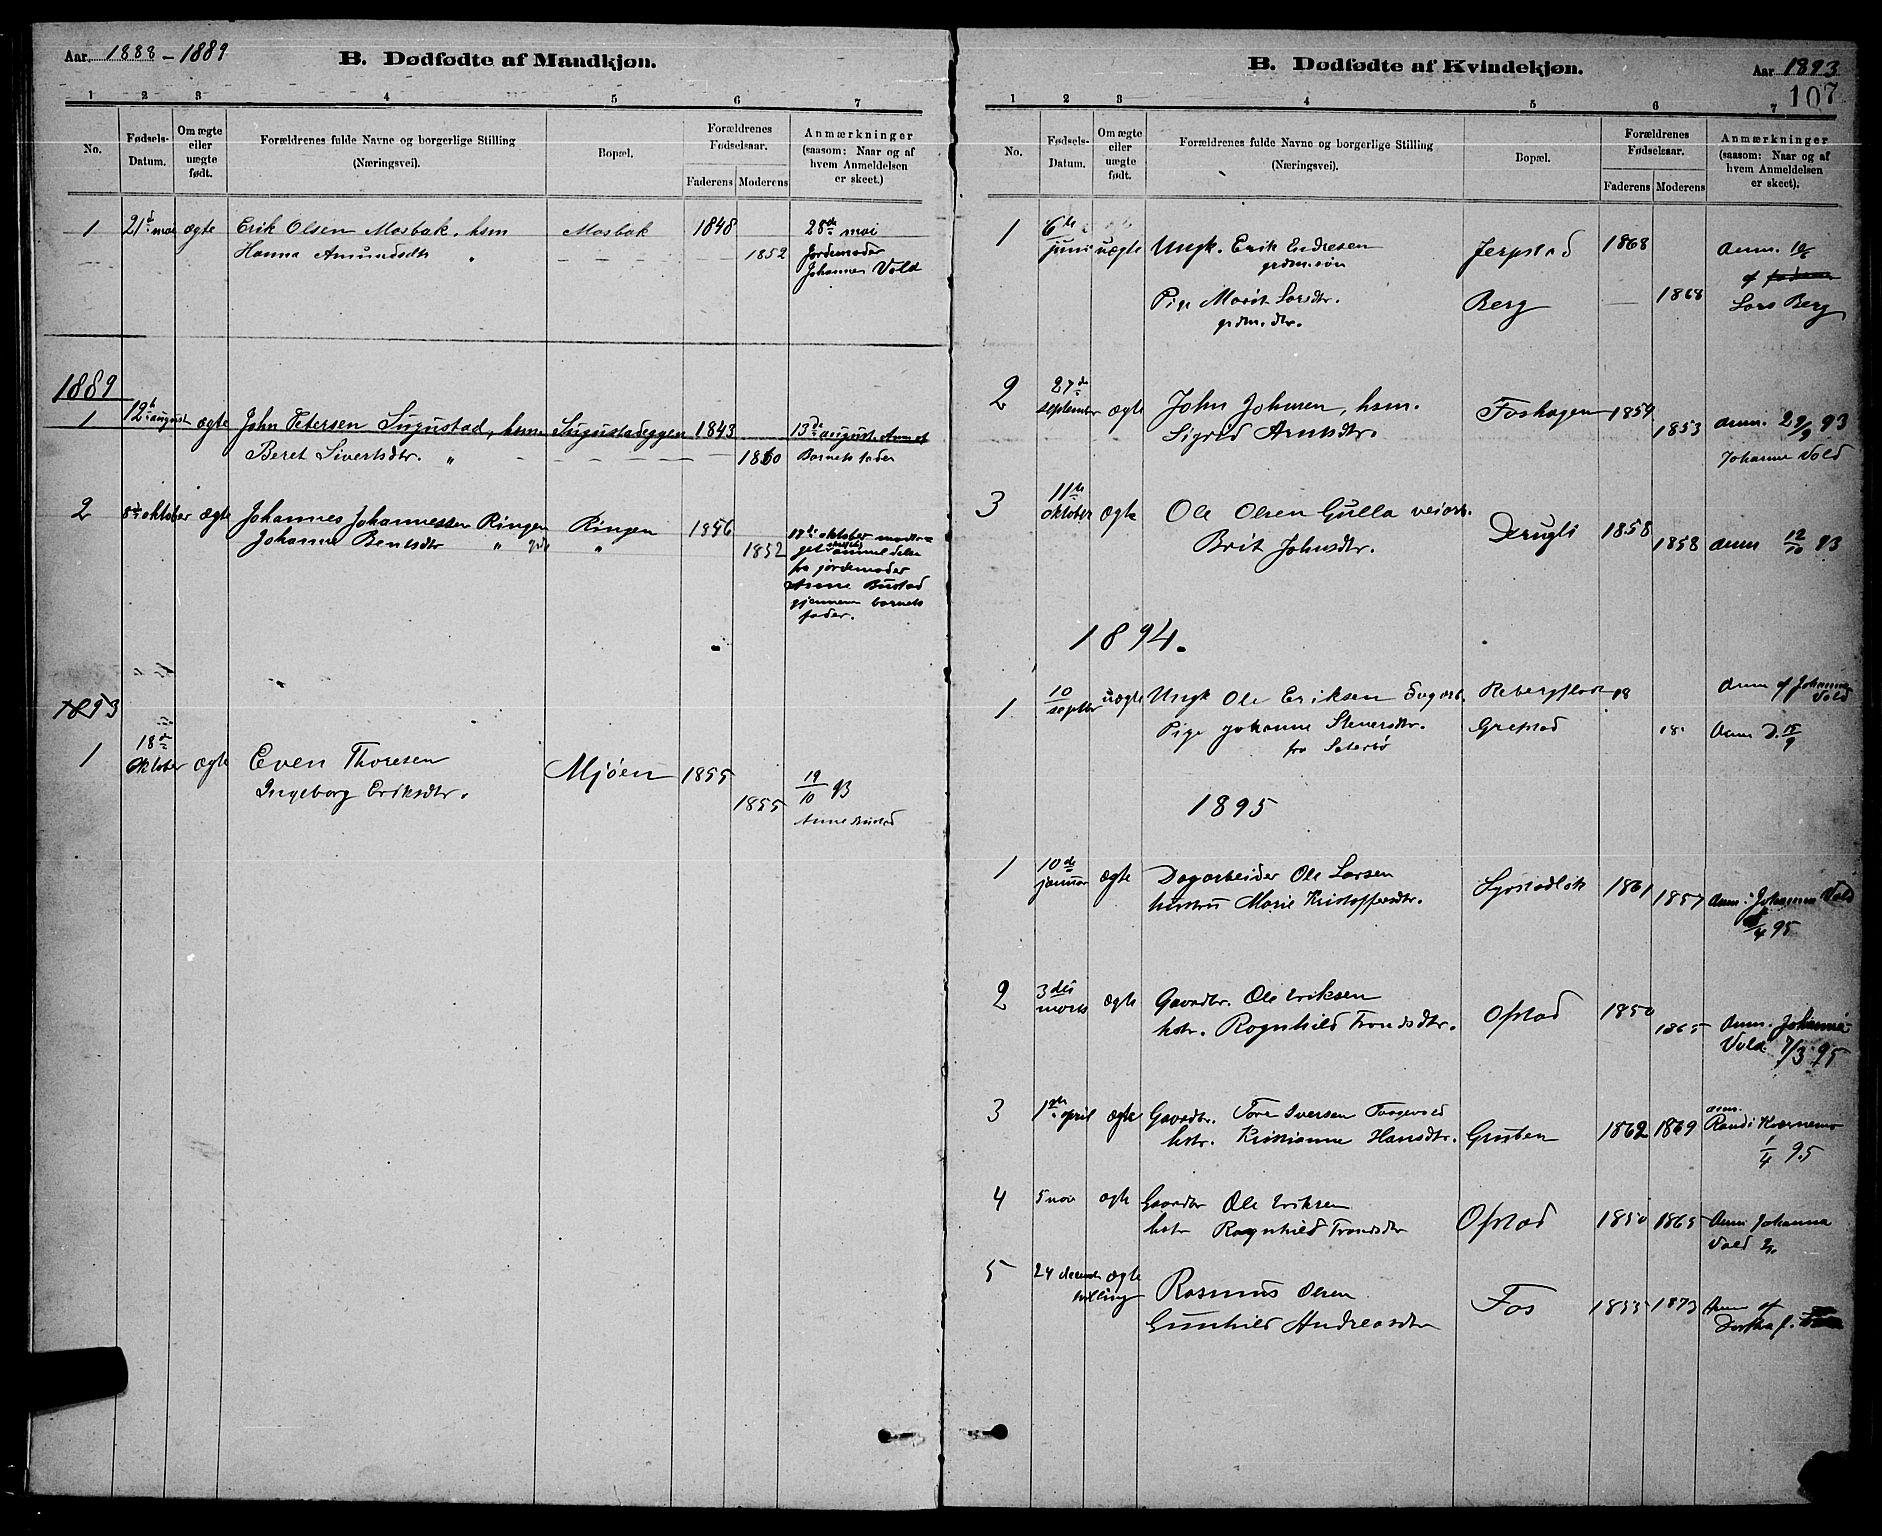 SAT, Ministerialprotokoller, klokkerbøker og fødselsregistre - Sør-Trøndelag, 672/L0863: Klokkerbok nr. 672C02, 1888-1901, s. 107